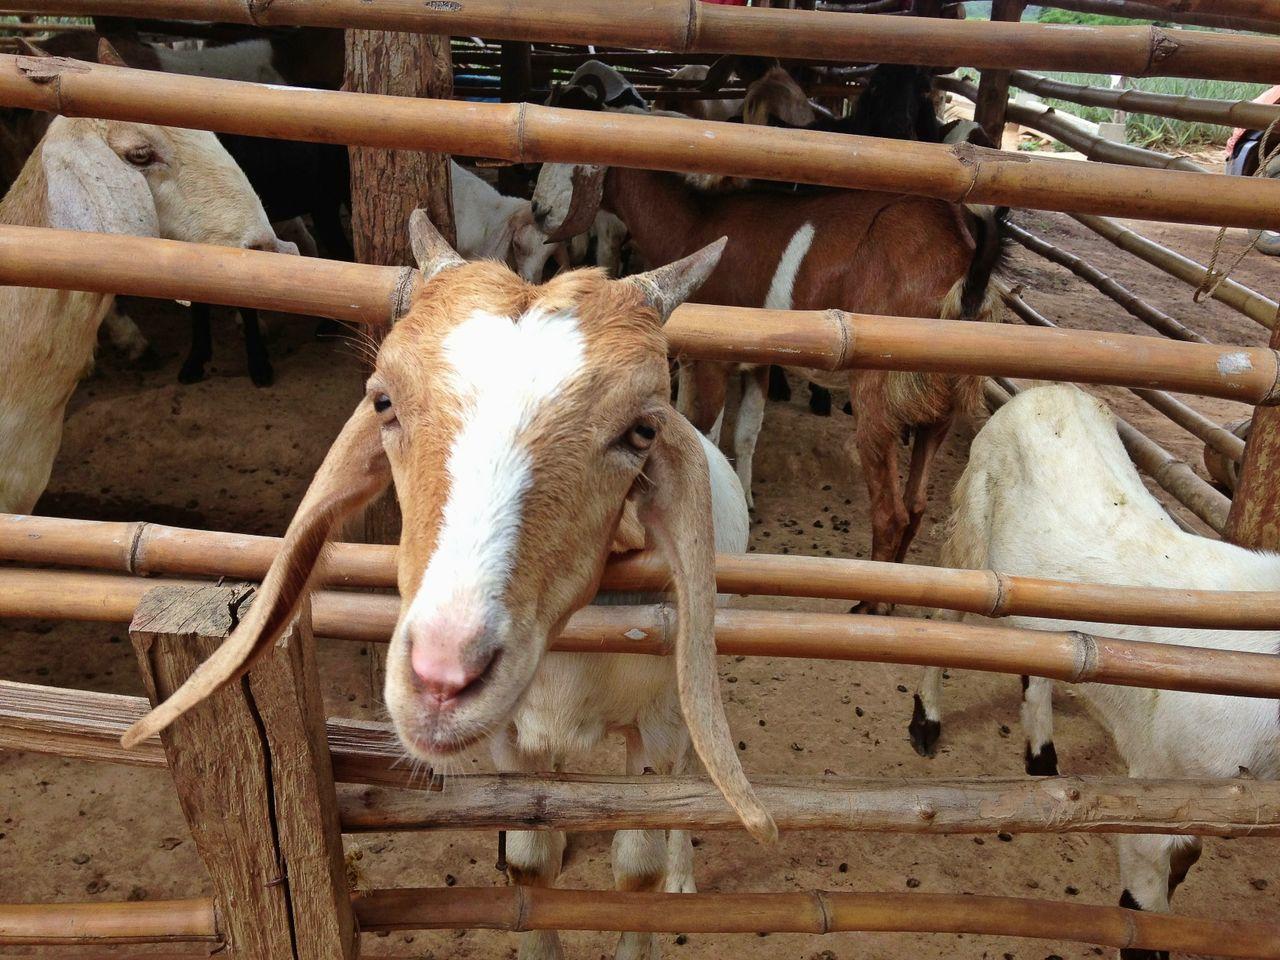 Herd Of Goats In Pen